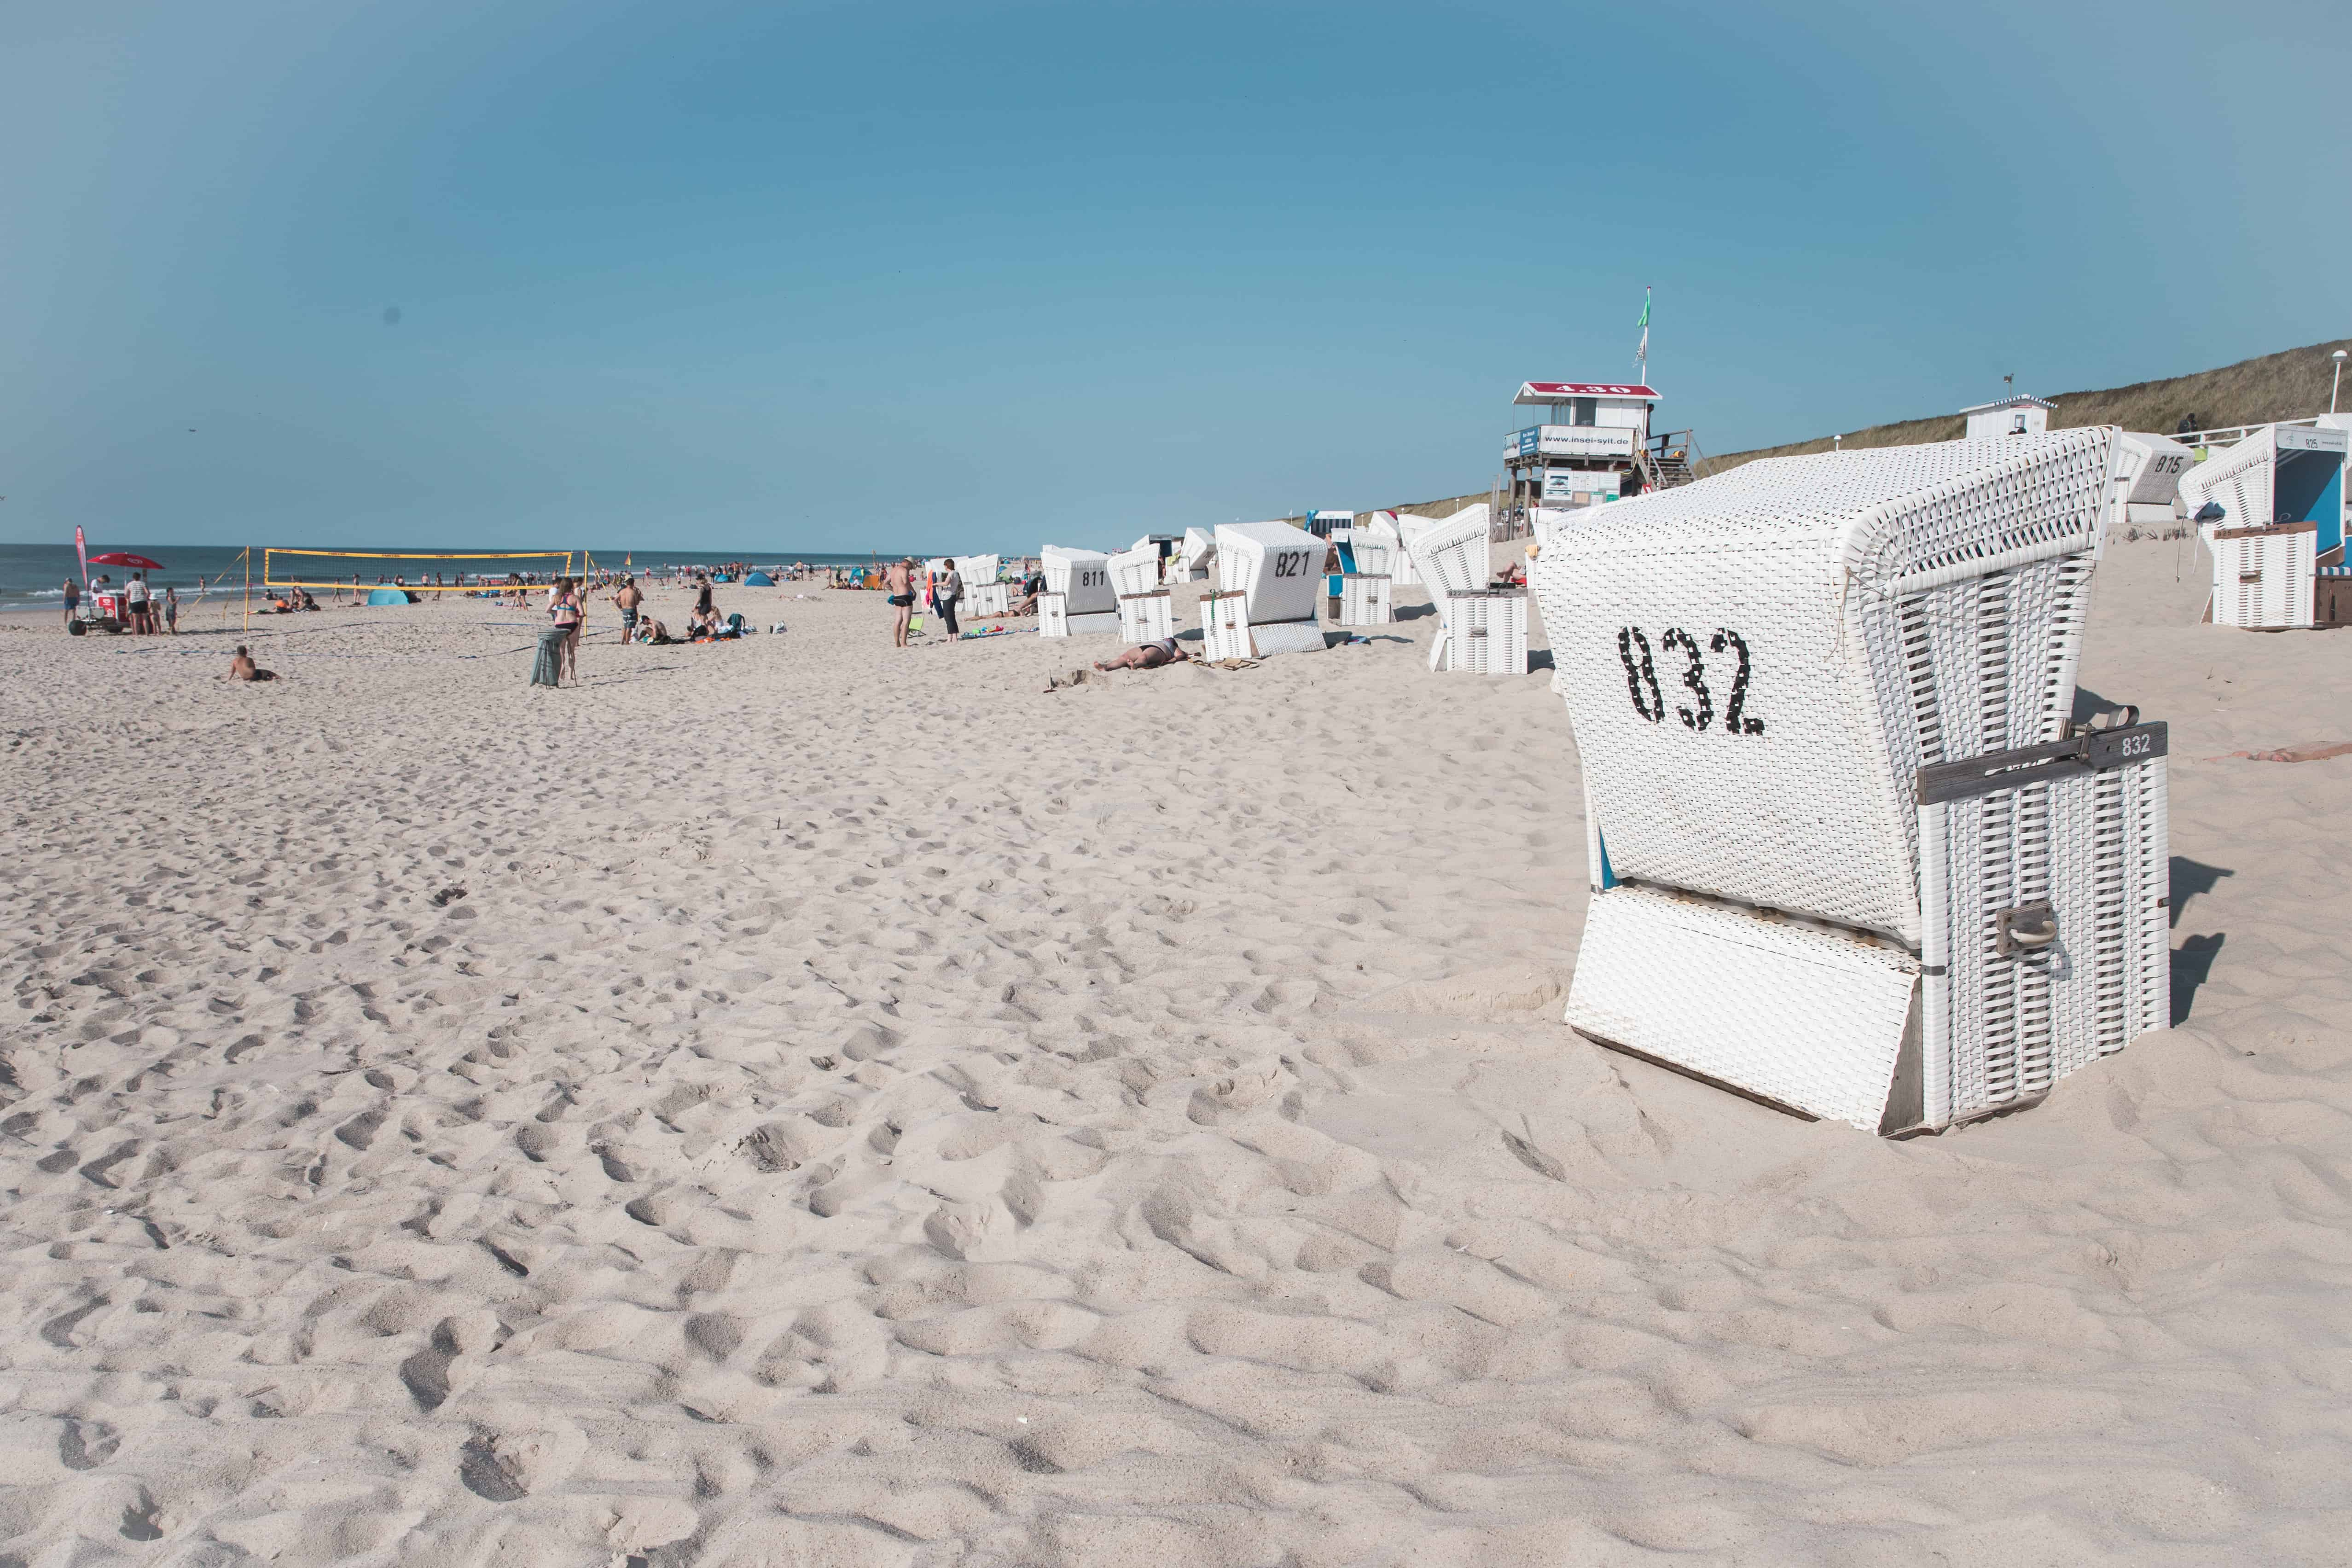 Beach on the island of Sylt, Germany